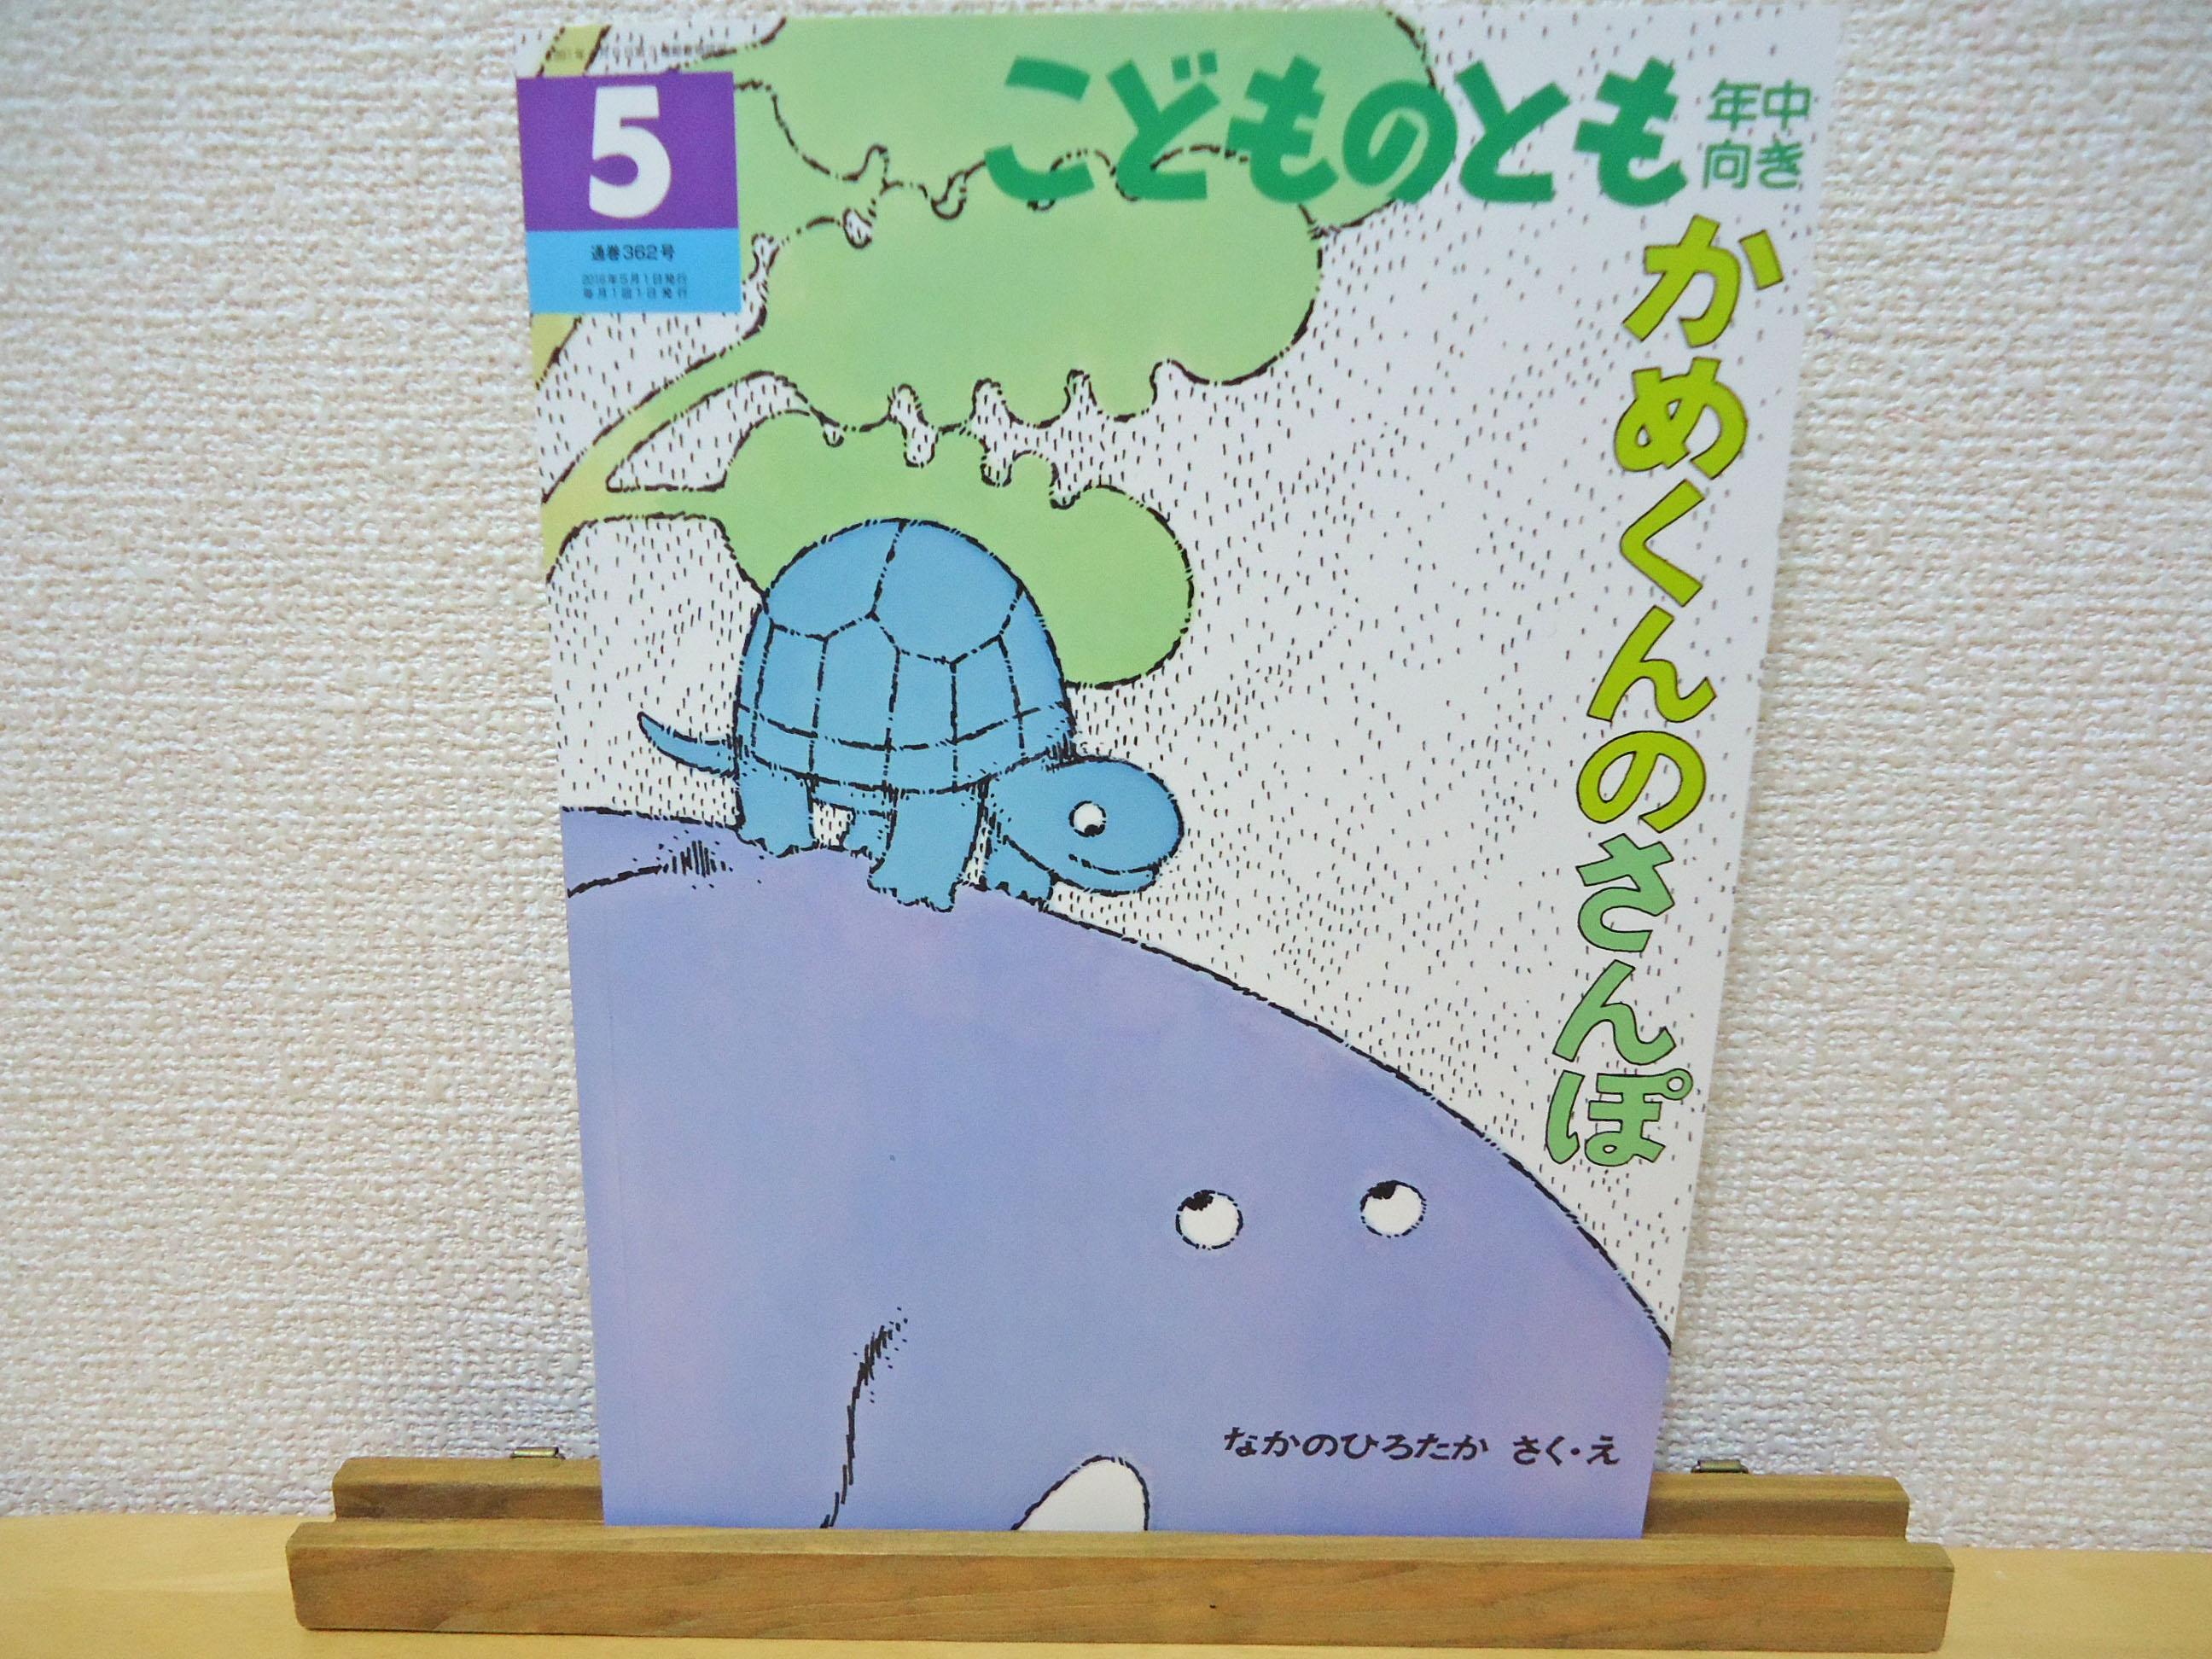 [絵本]『かめくんのさんぽ』ぞうくんのさんぽシリーズ、10年ぶりの最新作!! | おうちですごそう